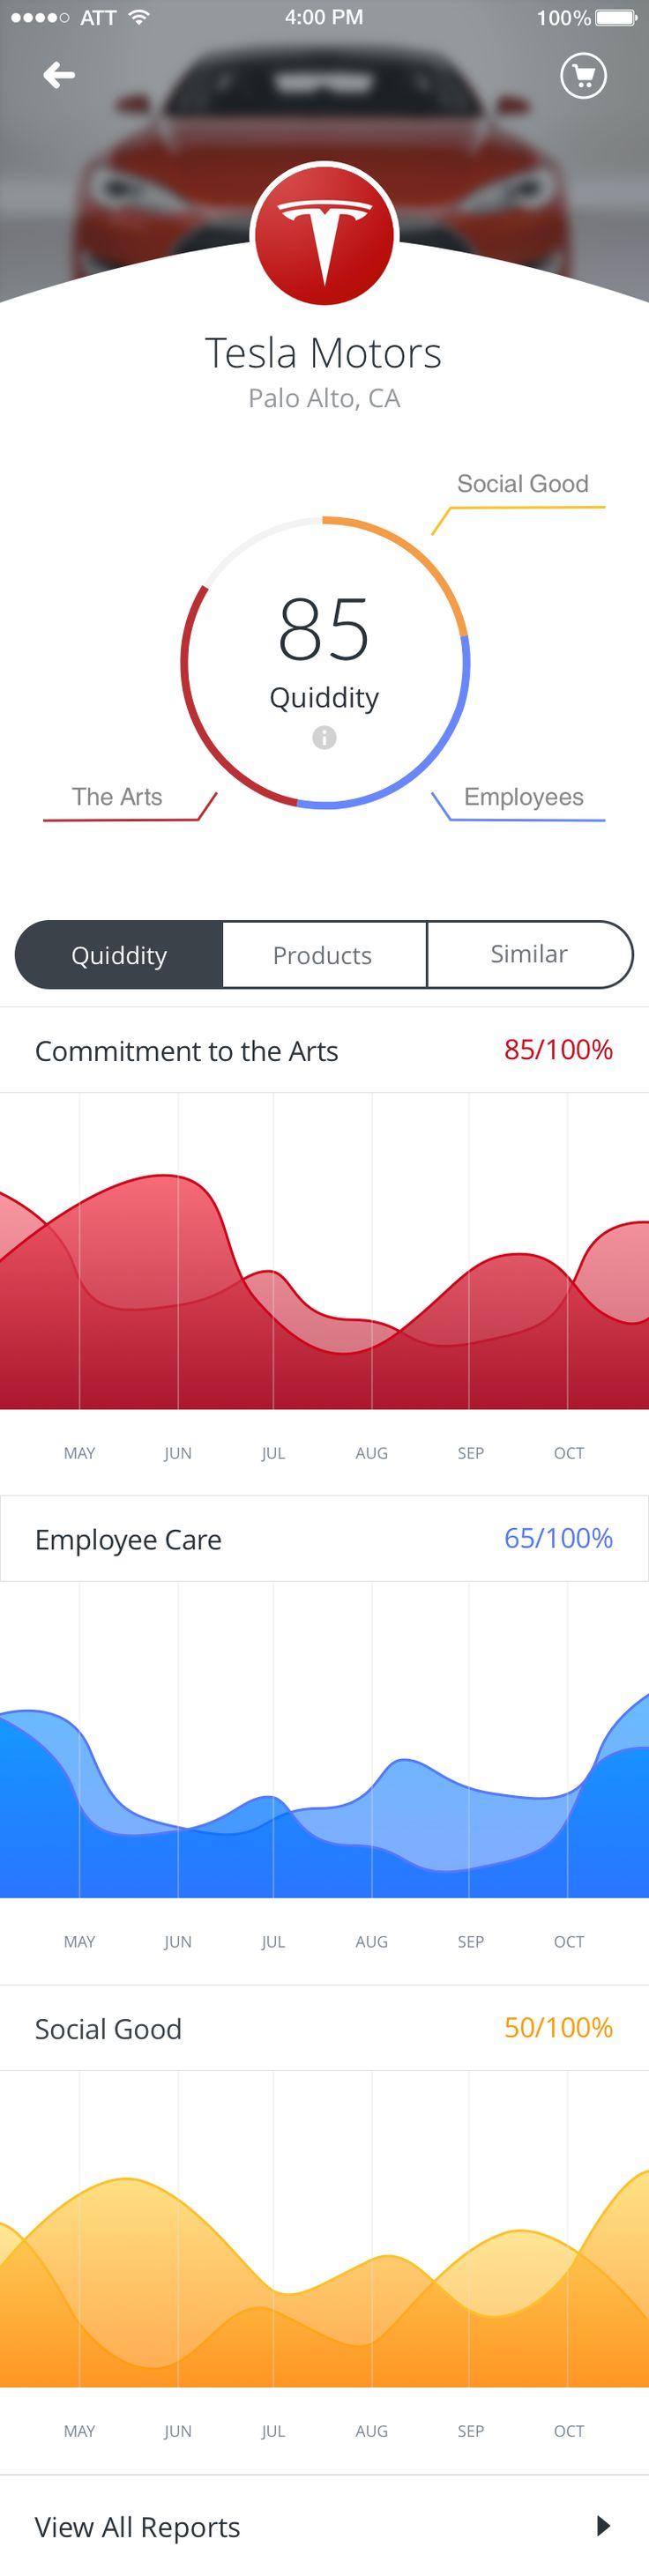 ui ux iphone app by Tesla